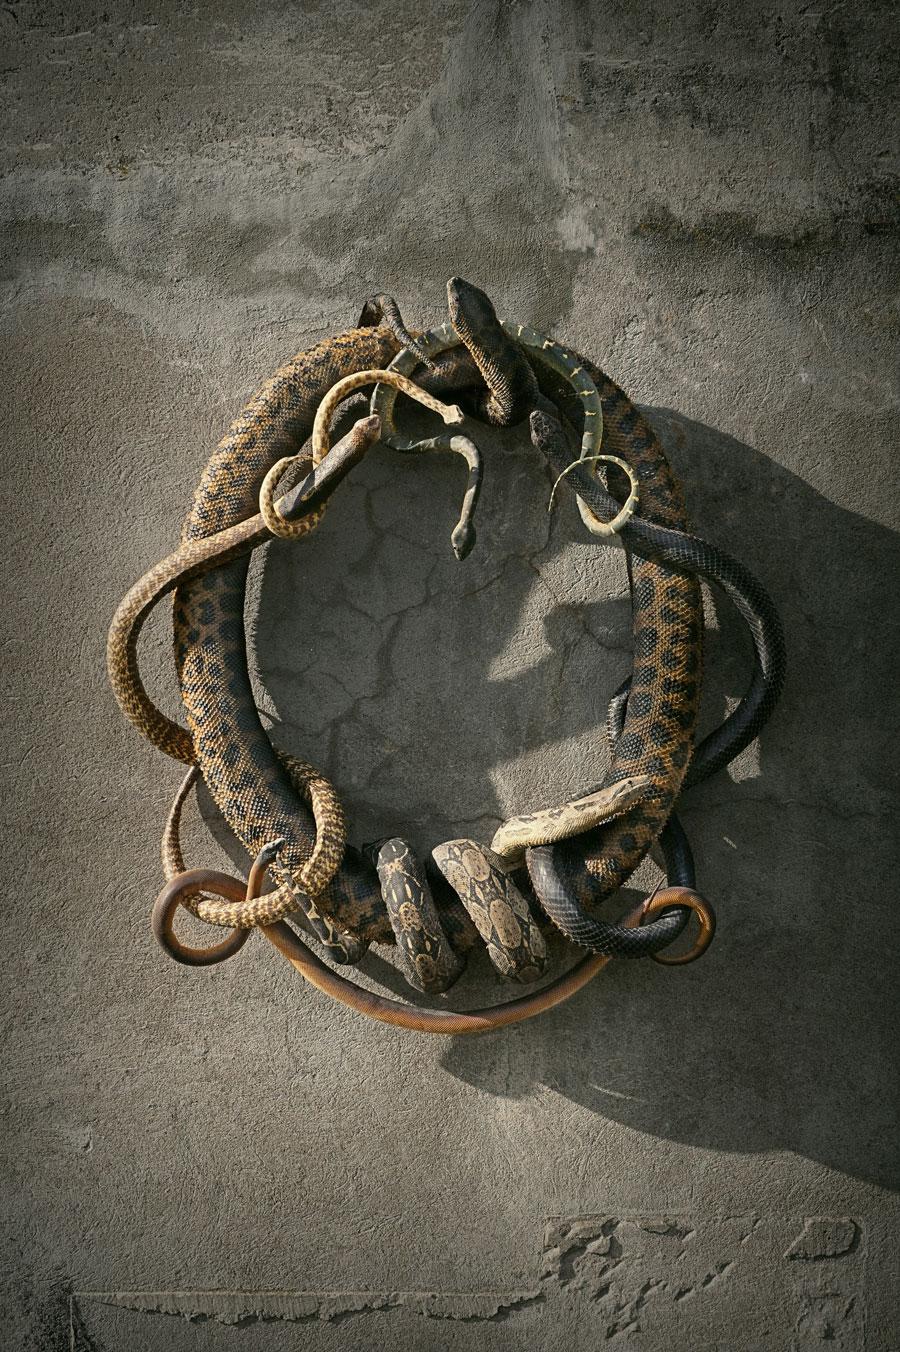 Snakes-LR.jpg